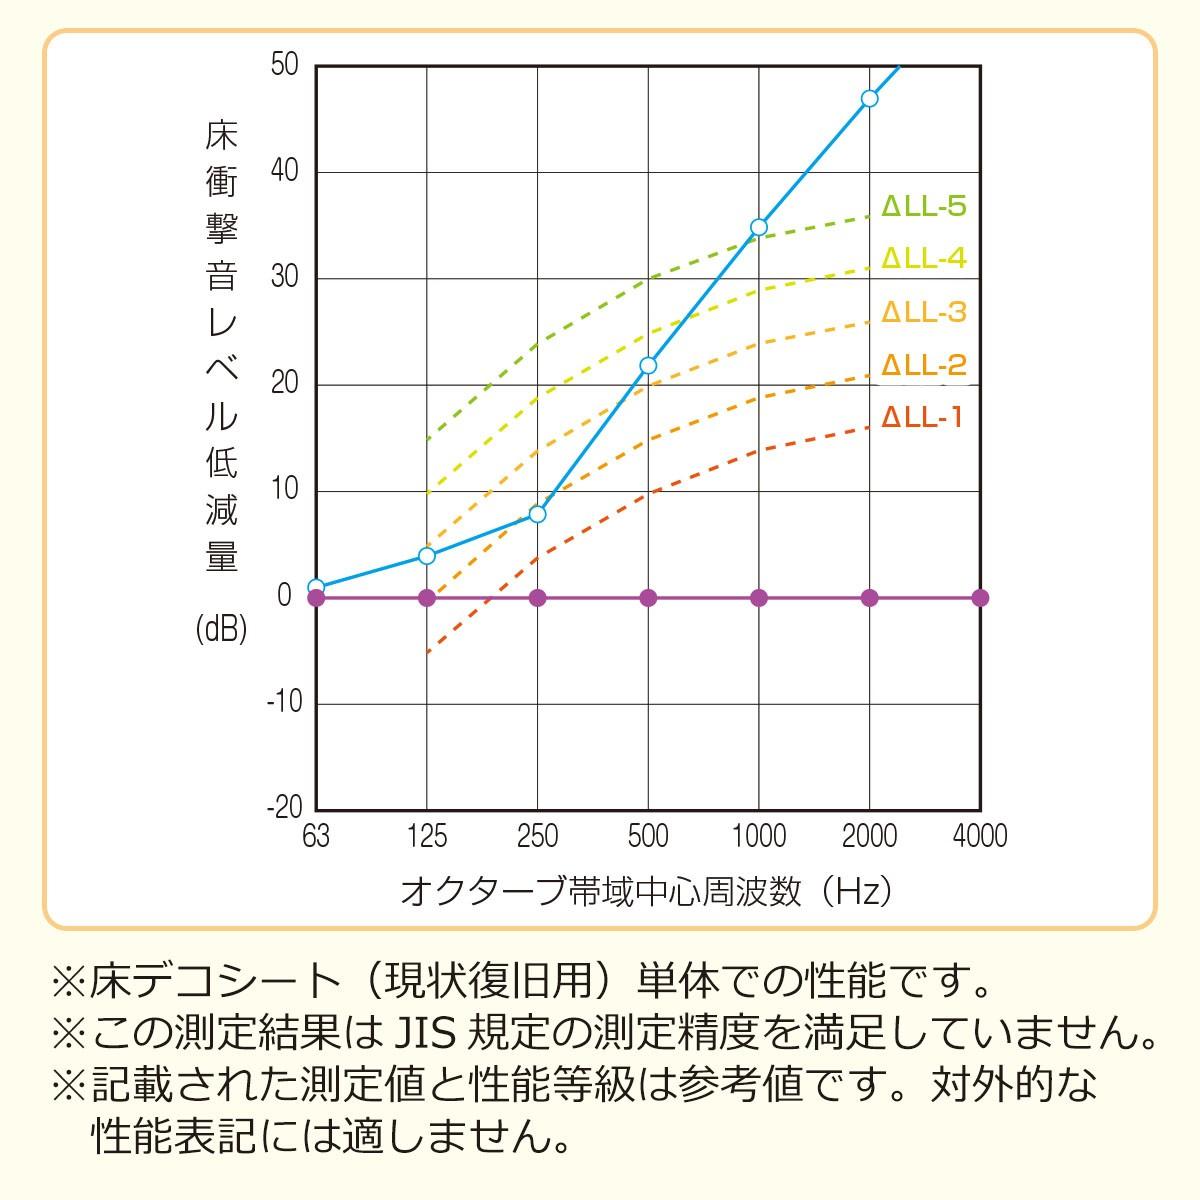 床衝撃音レベル低減量 ※床デコシート(現状復旧用)単体での性能です ※この測定結果はJIS規定の測定精度を満足していません ※記載された測定値と性能等級は参考値です。対外的な性能表記には適しません